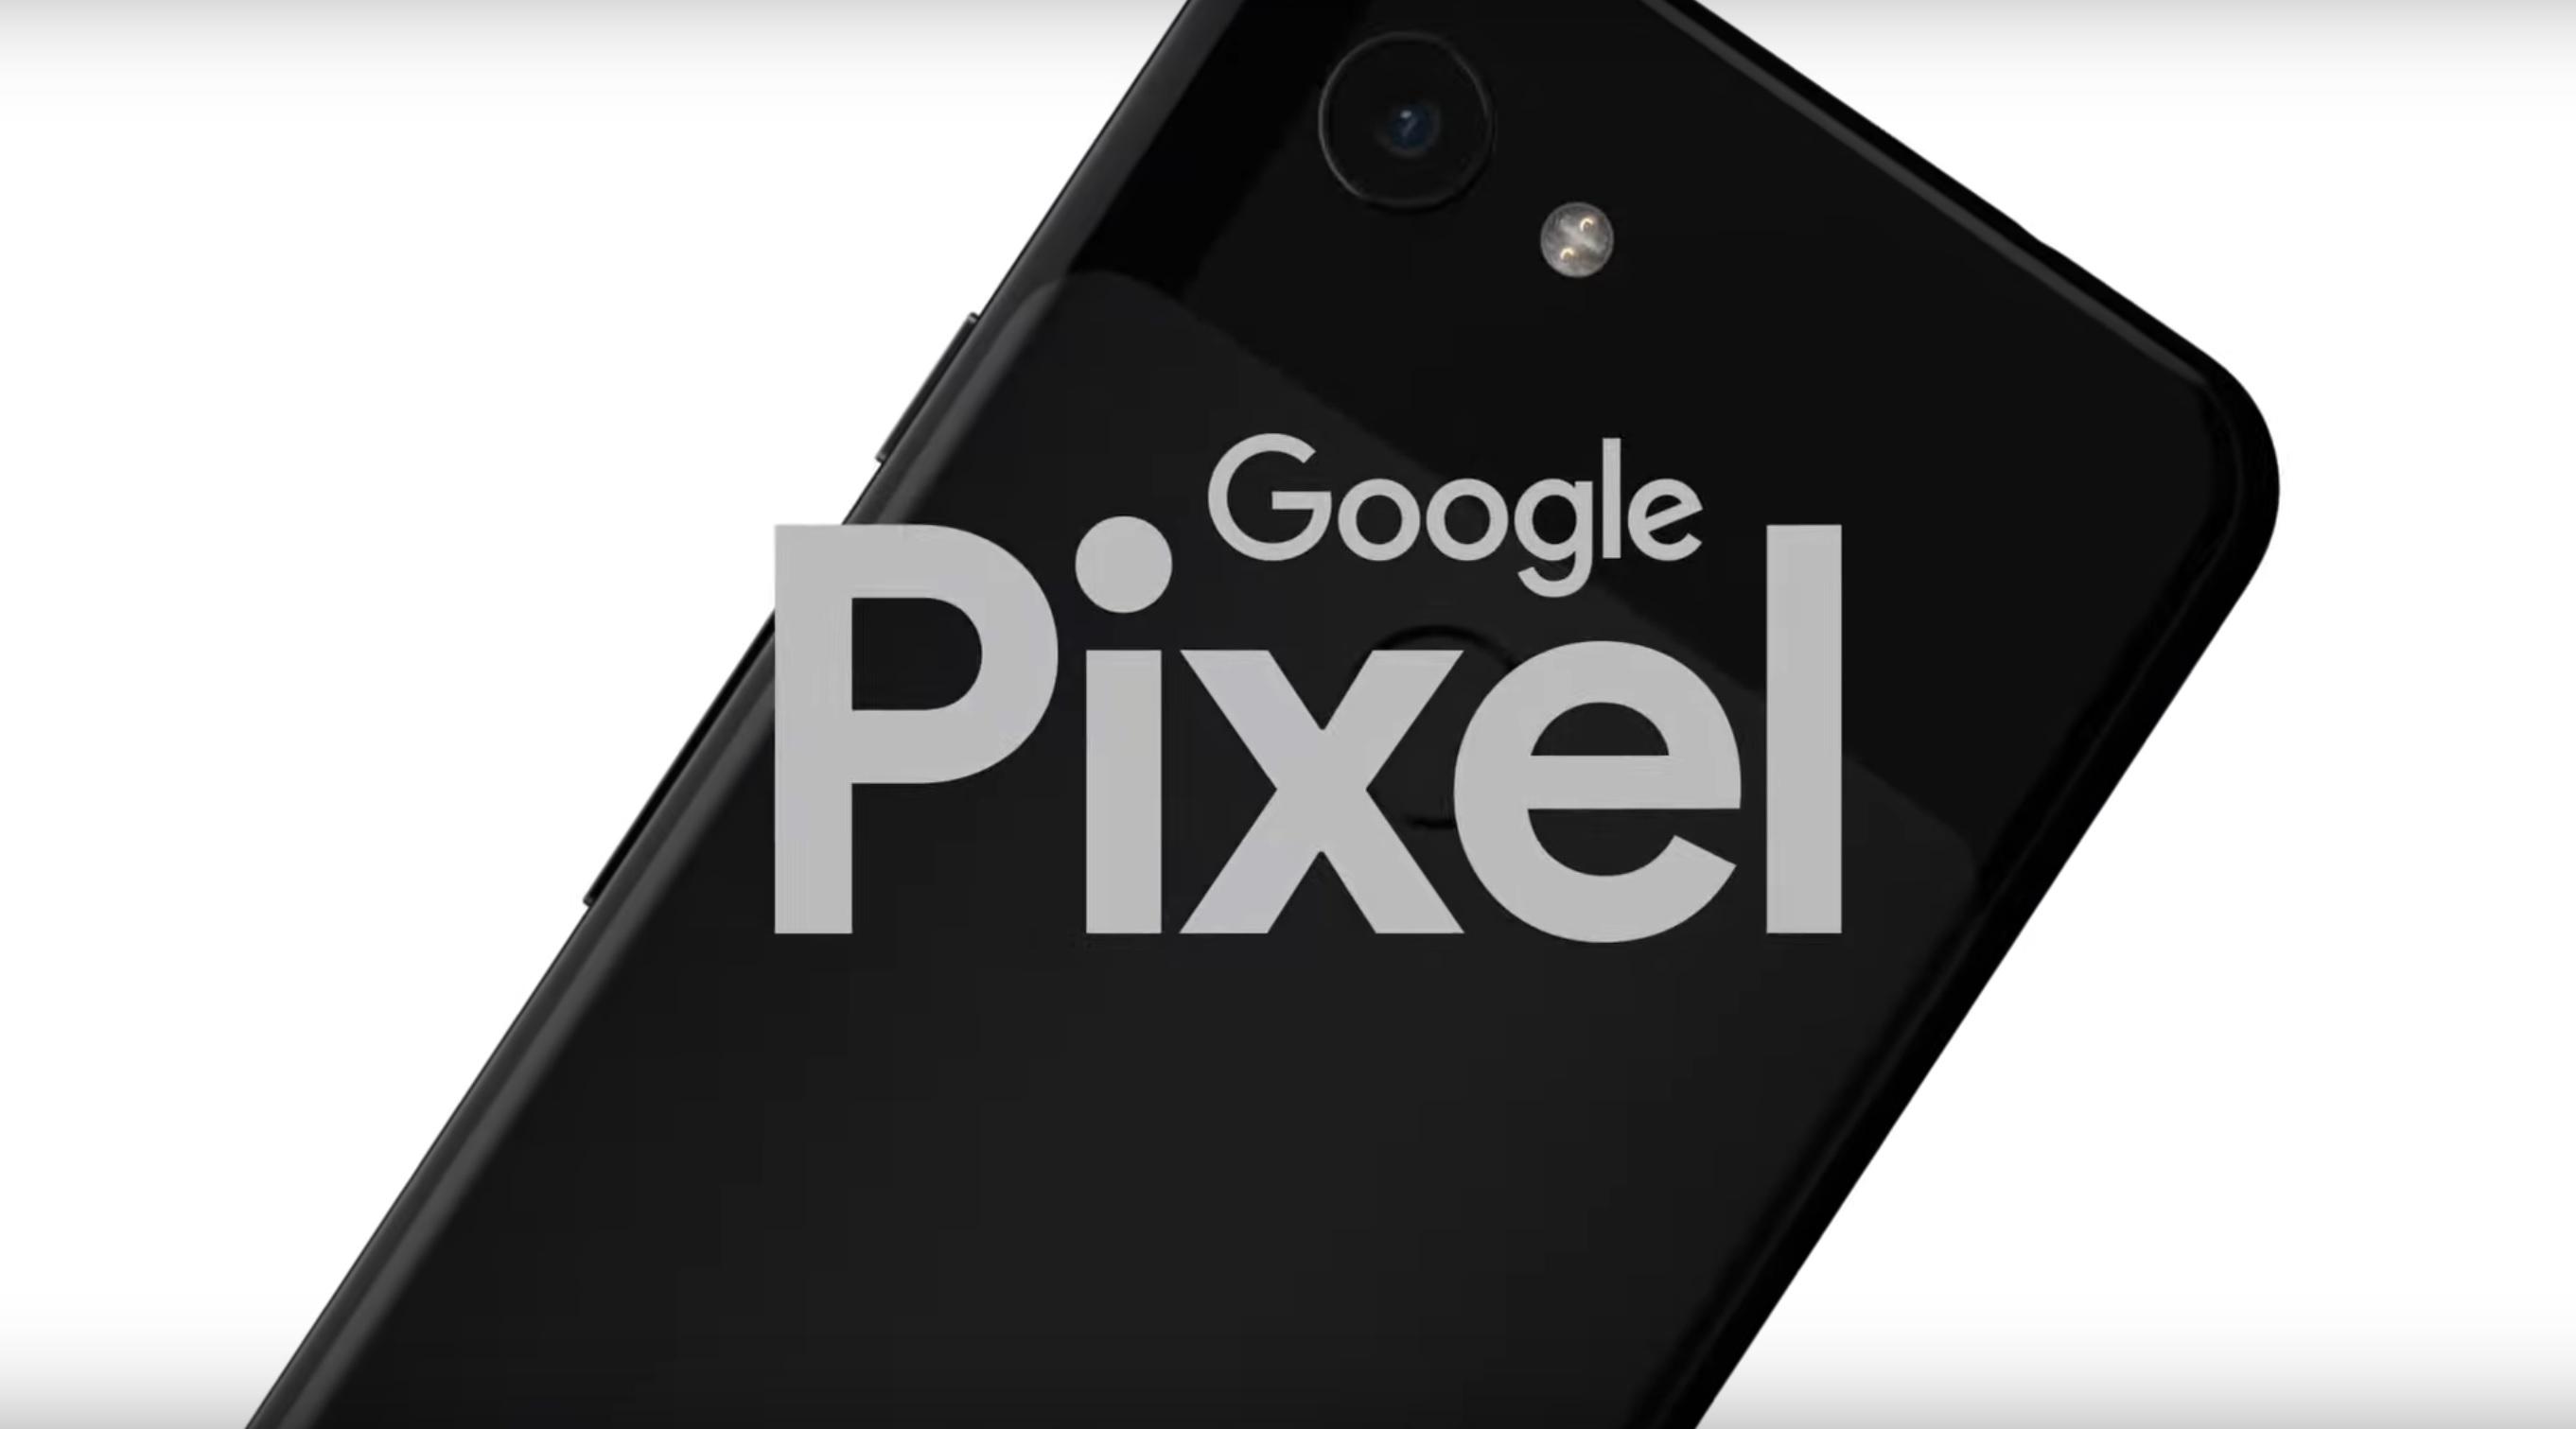 Rusza kampania #SwitchToPixel. Google zabiera się za poważne reklamowanie swojego smartfona 26